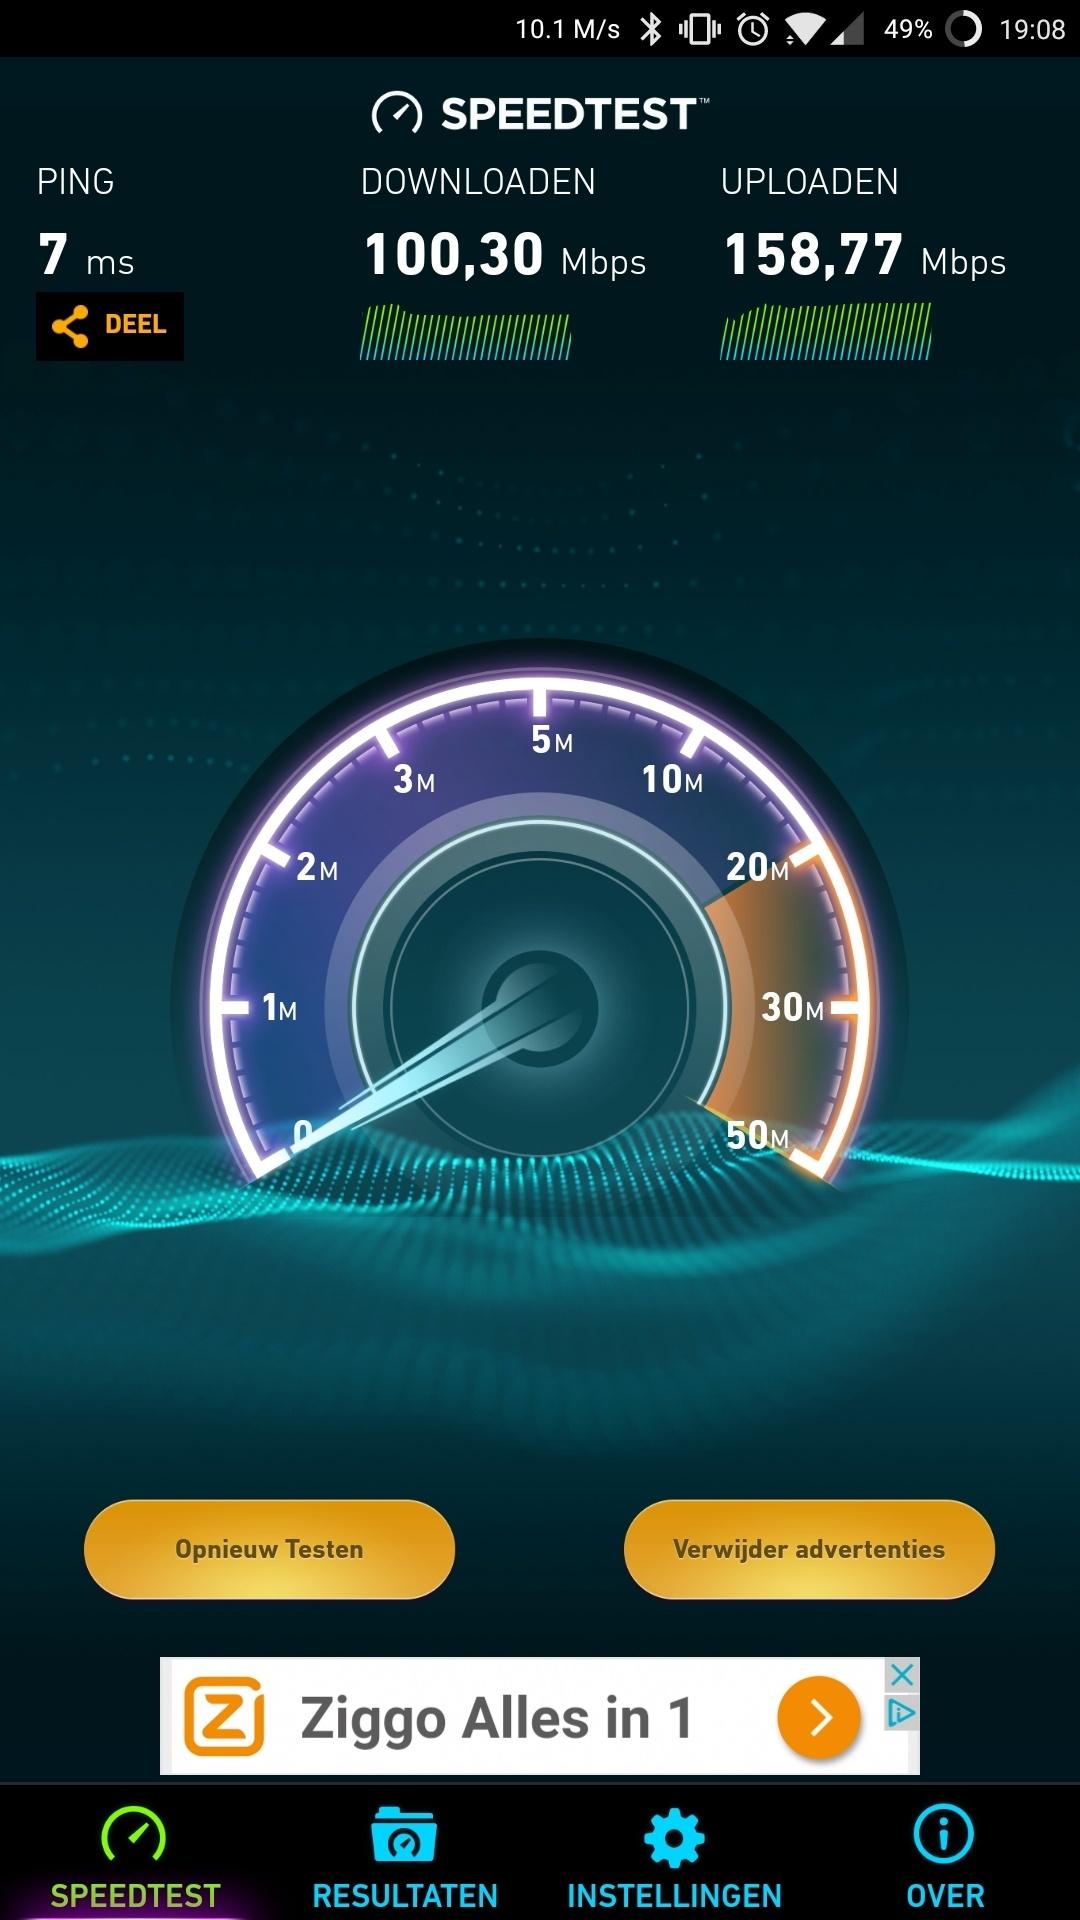 Woonkamer - Speedtest App 5G